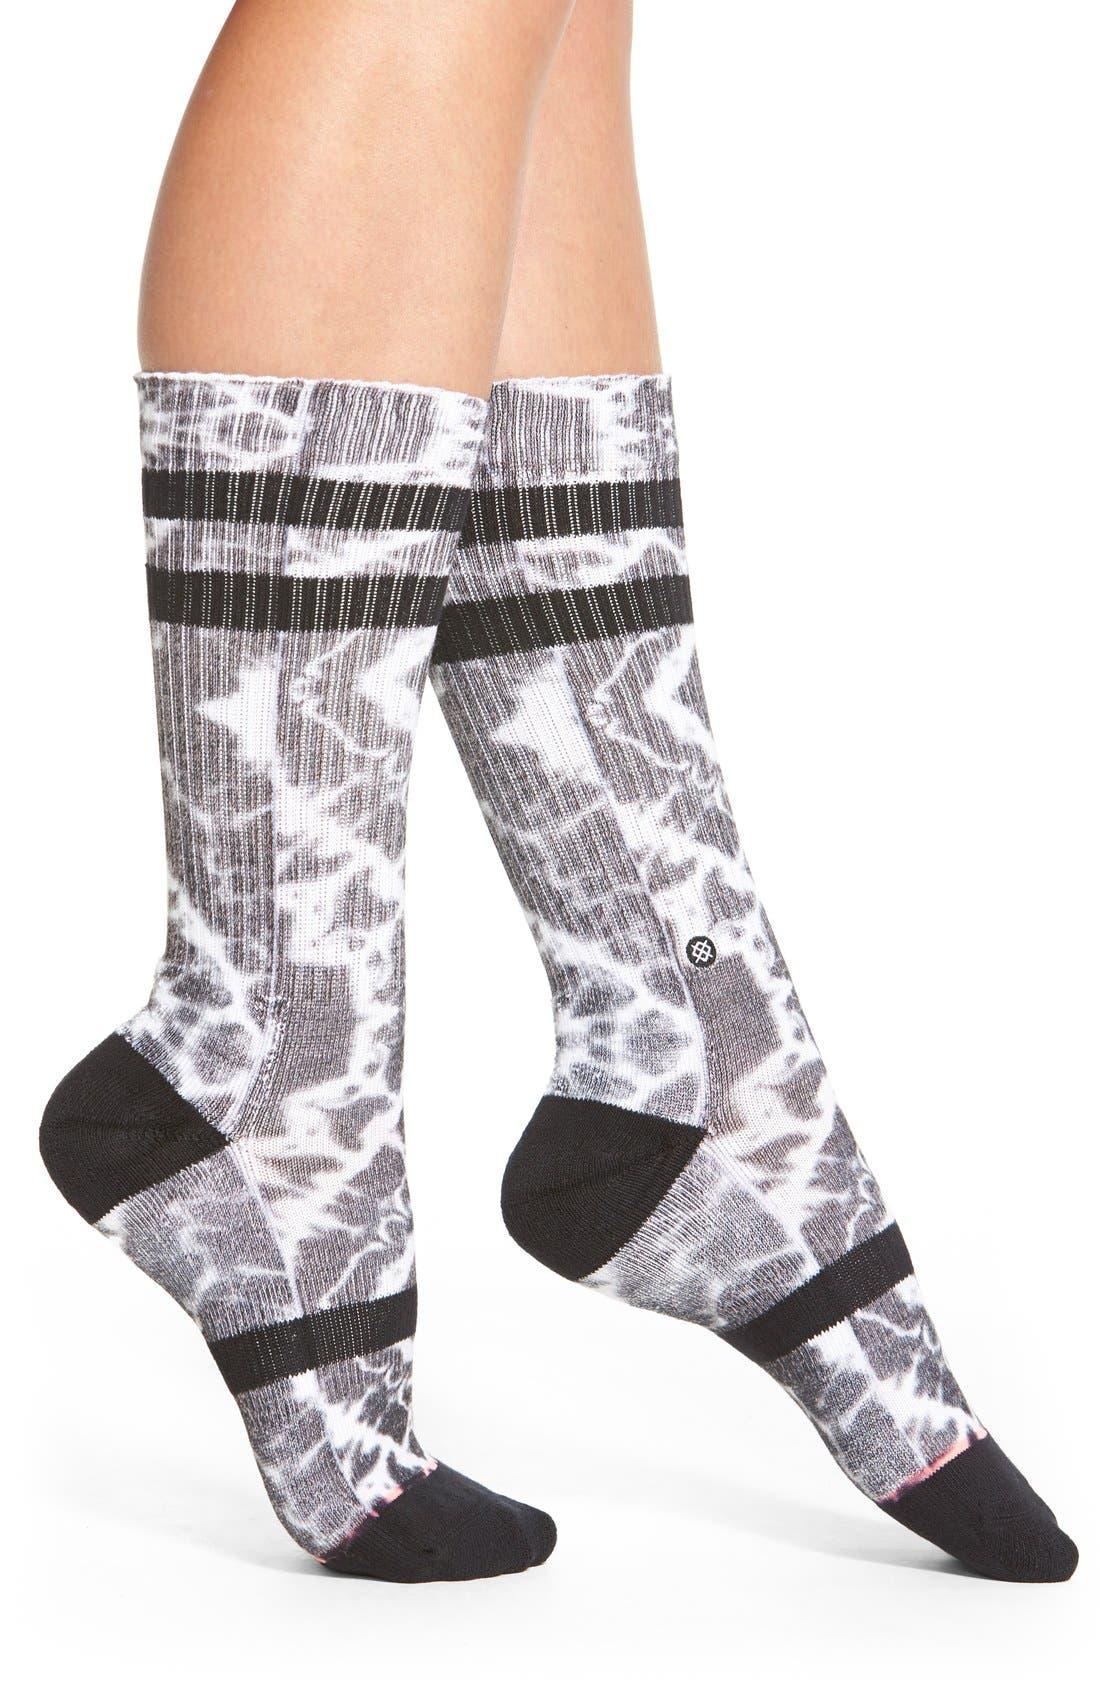 Alternate Image 1 Selected - Stance 'Prism' Combed Cotton Blend Socks